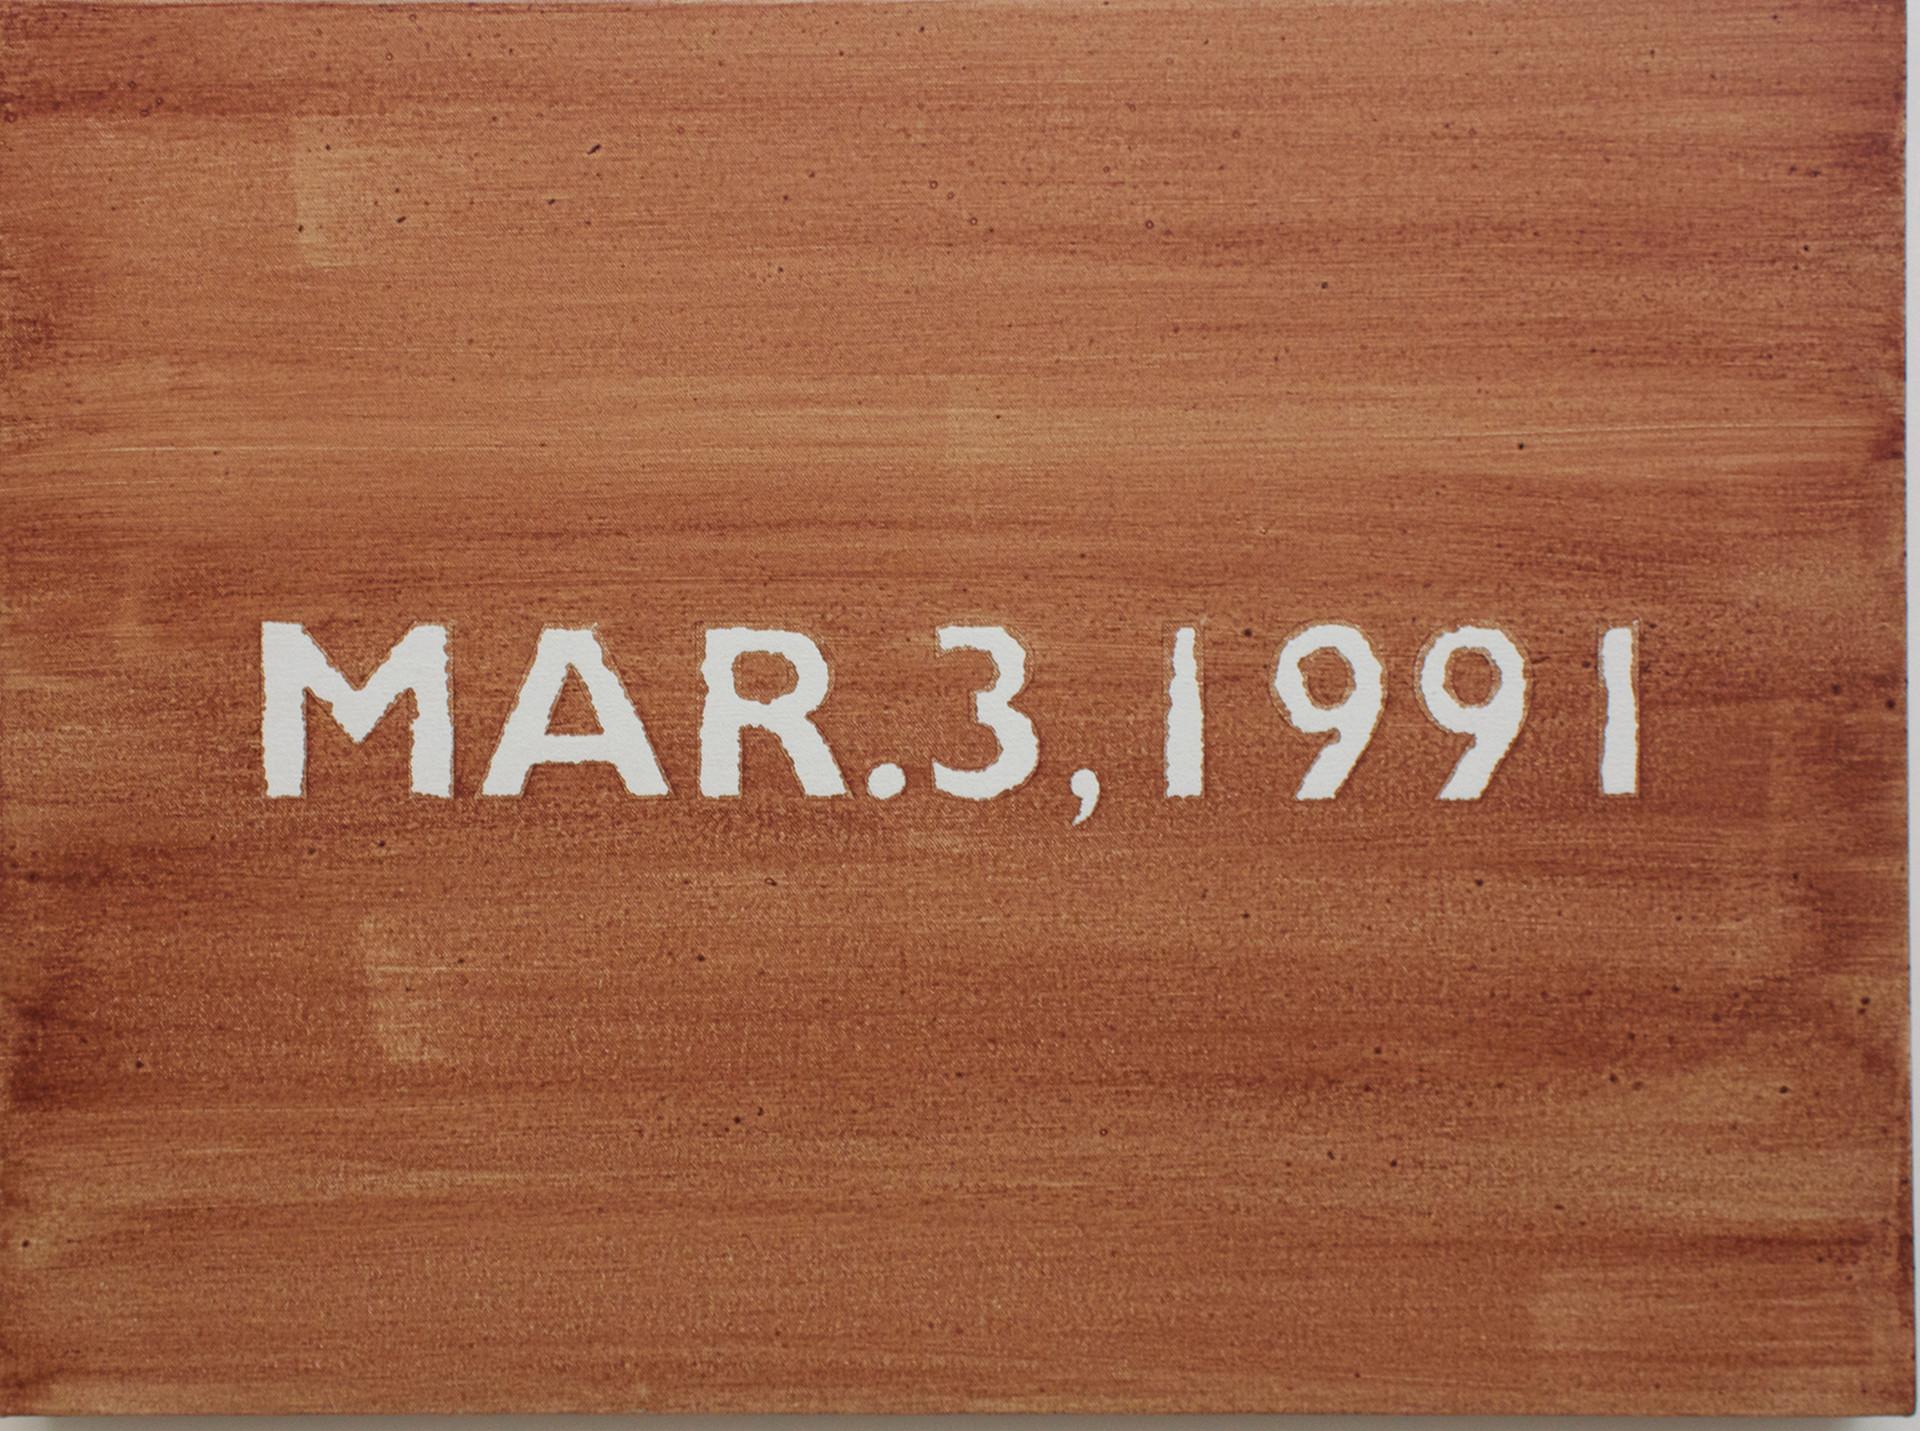 juan_capistran_sunday_march_3_1991.jpg